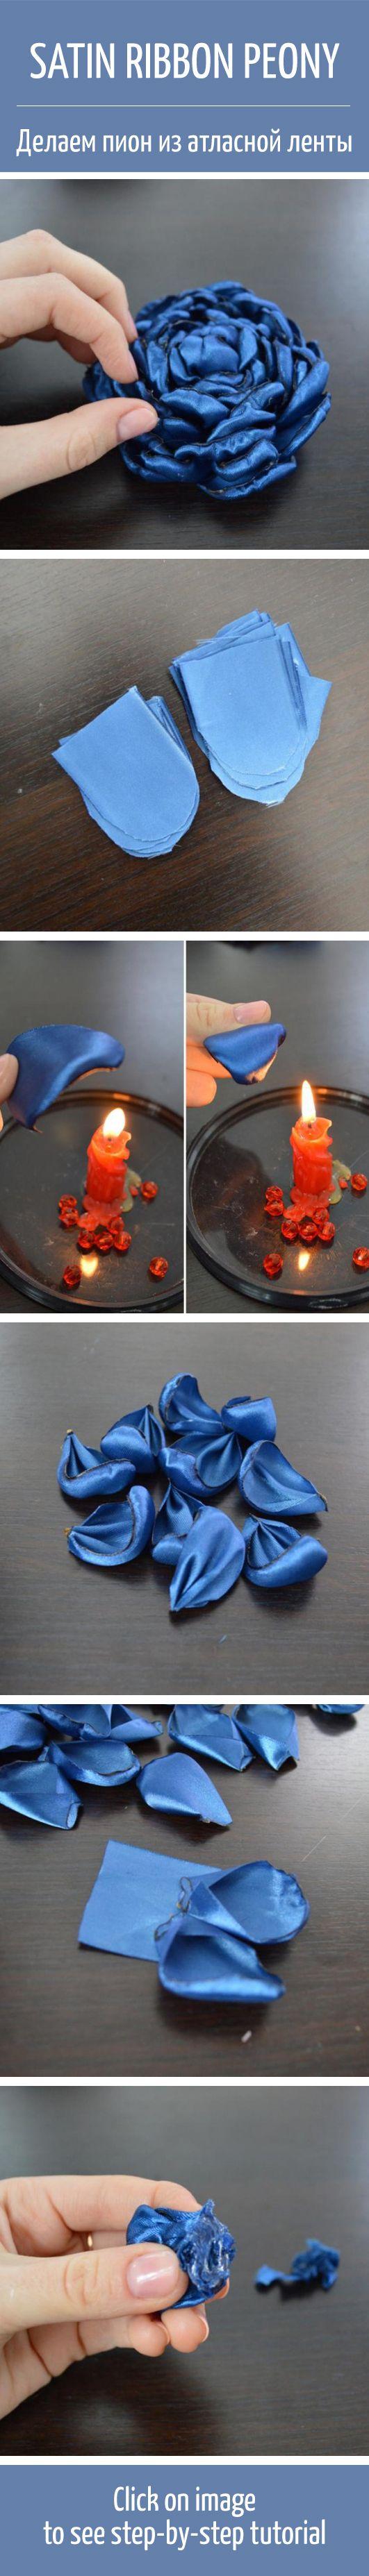 Satin ribbon peony flower tutorial / Как из атласной ленты сделать цветок пиона